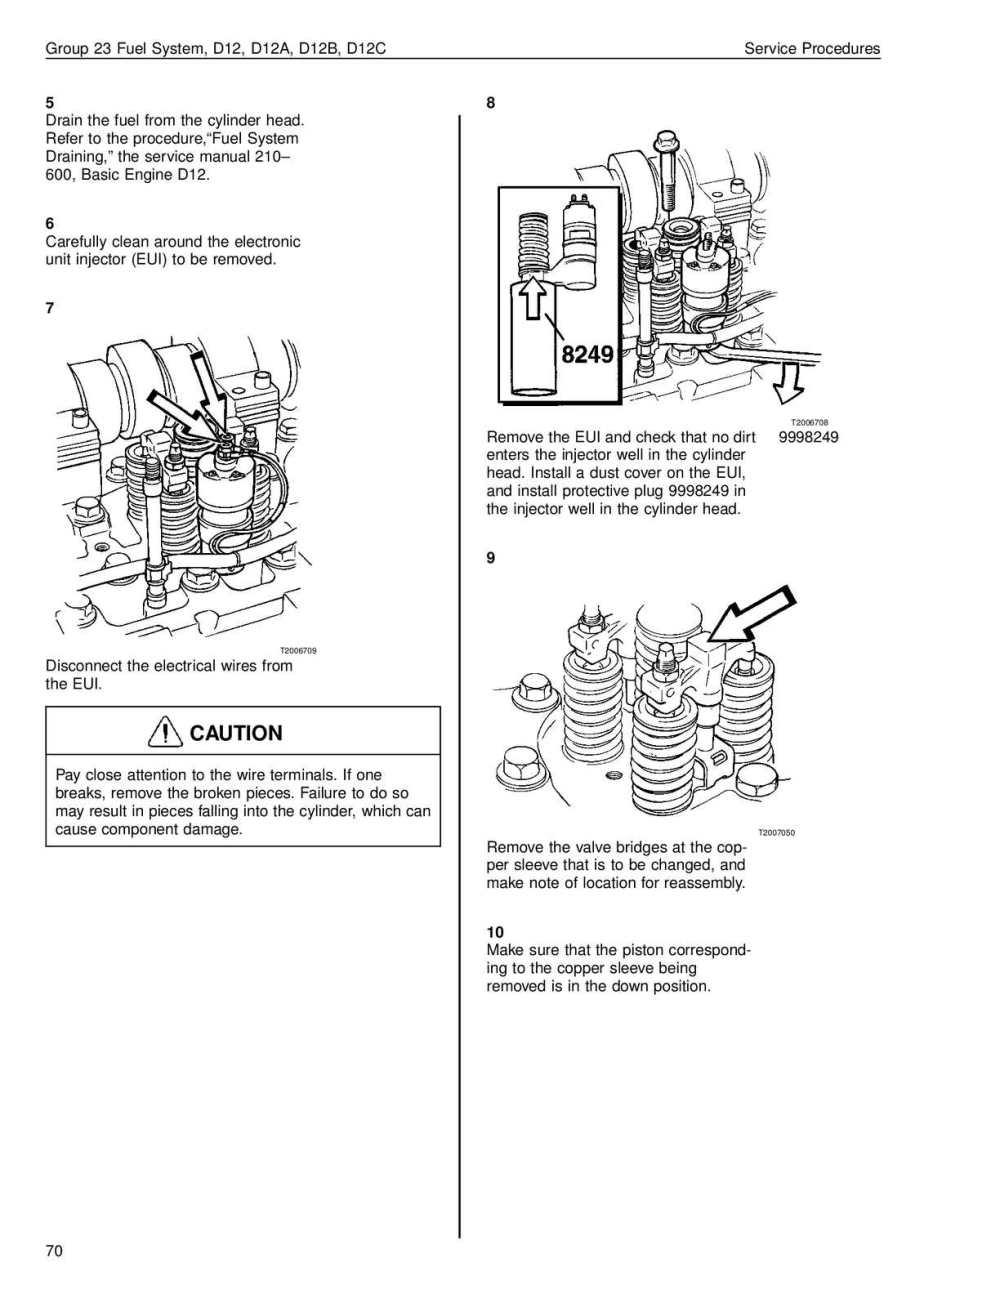 medium resolution of semi truck volvo d13 engine diagram imageresizertool com volvo vnl truck wiring diagrams volvo vnl truck wiring diagrams